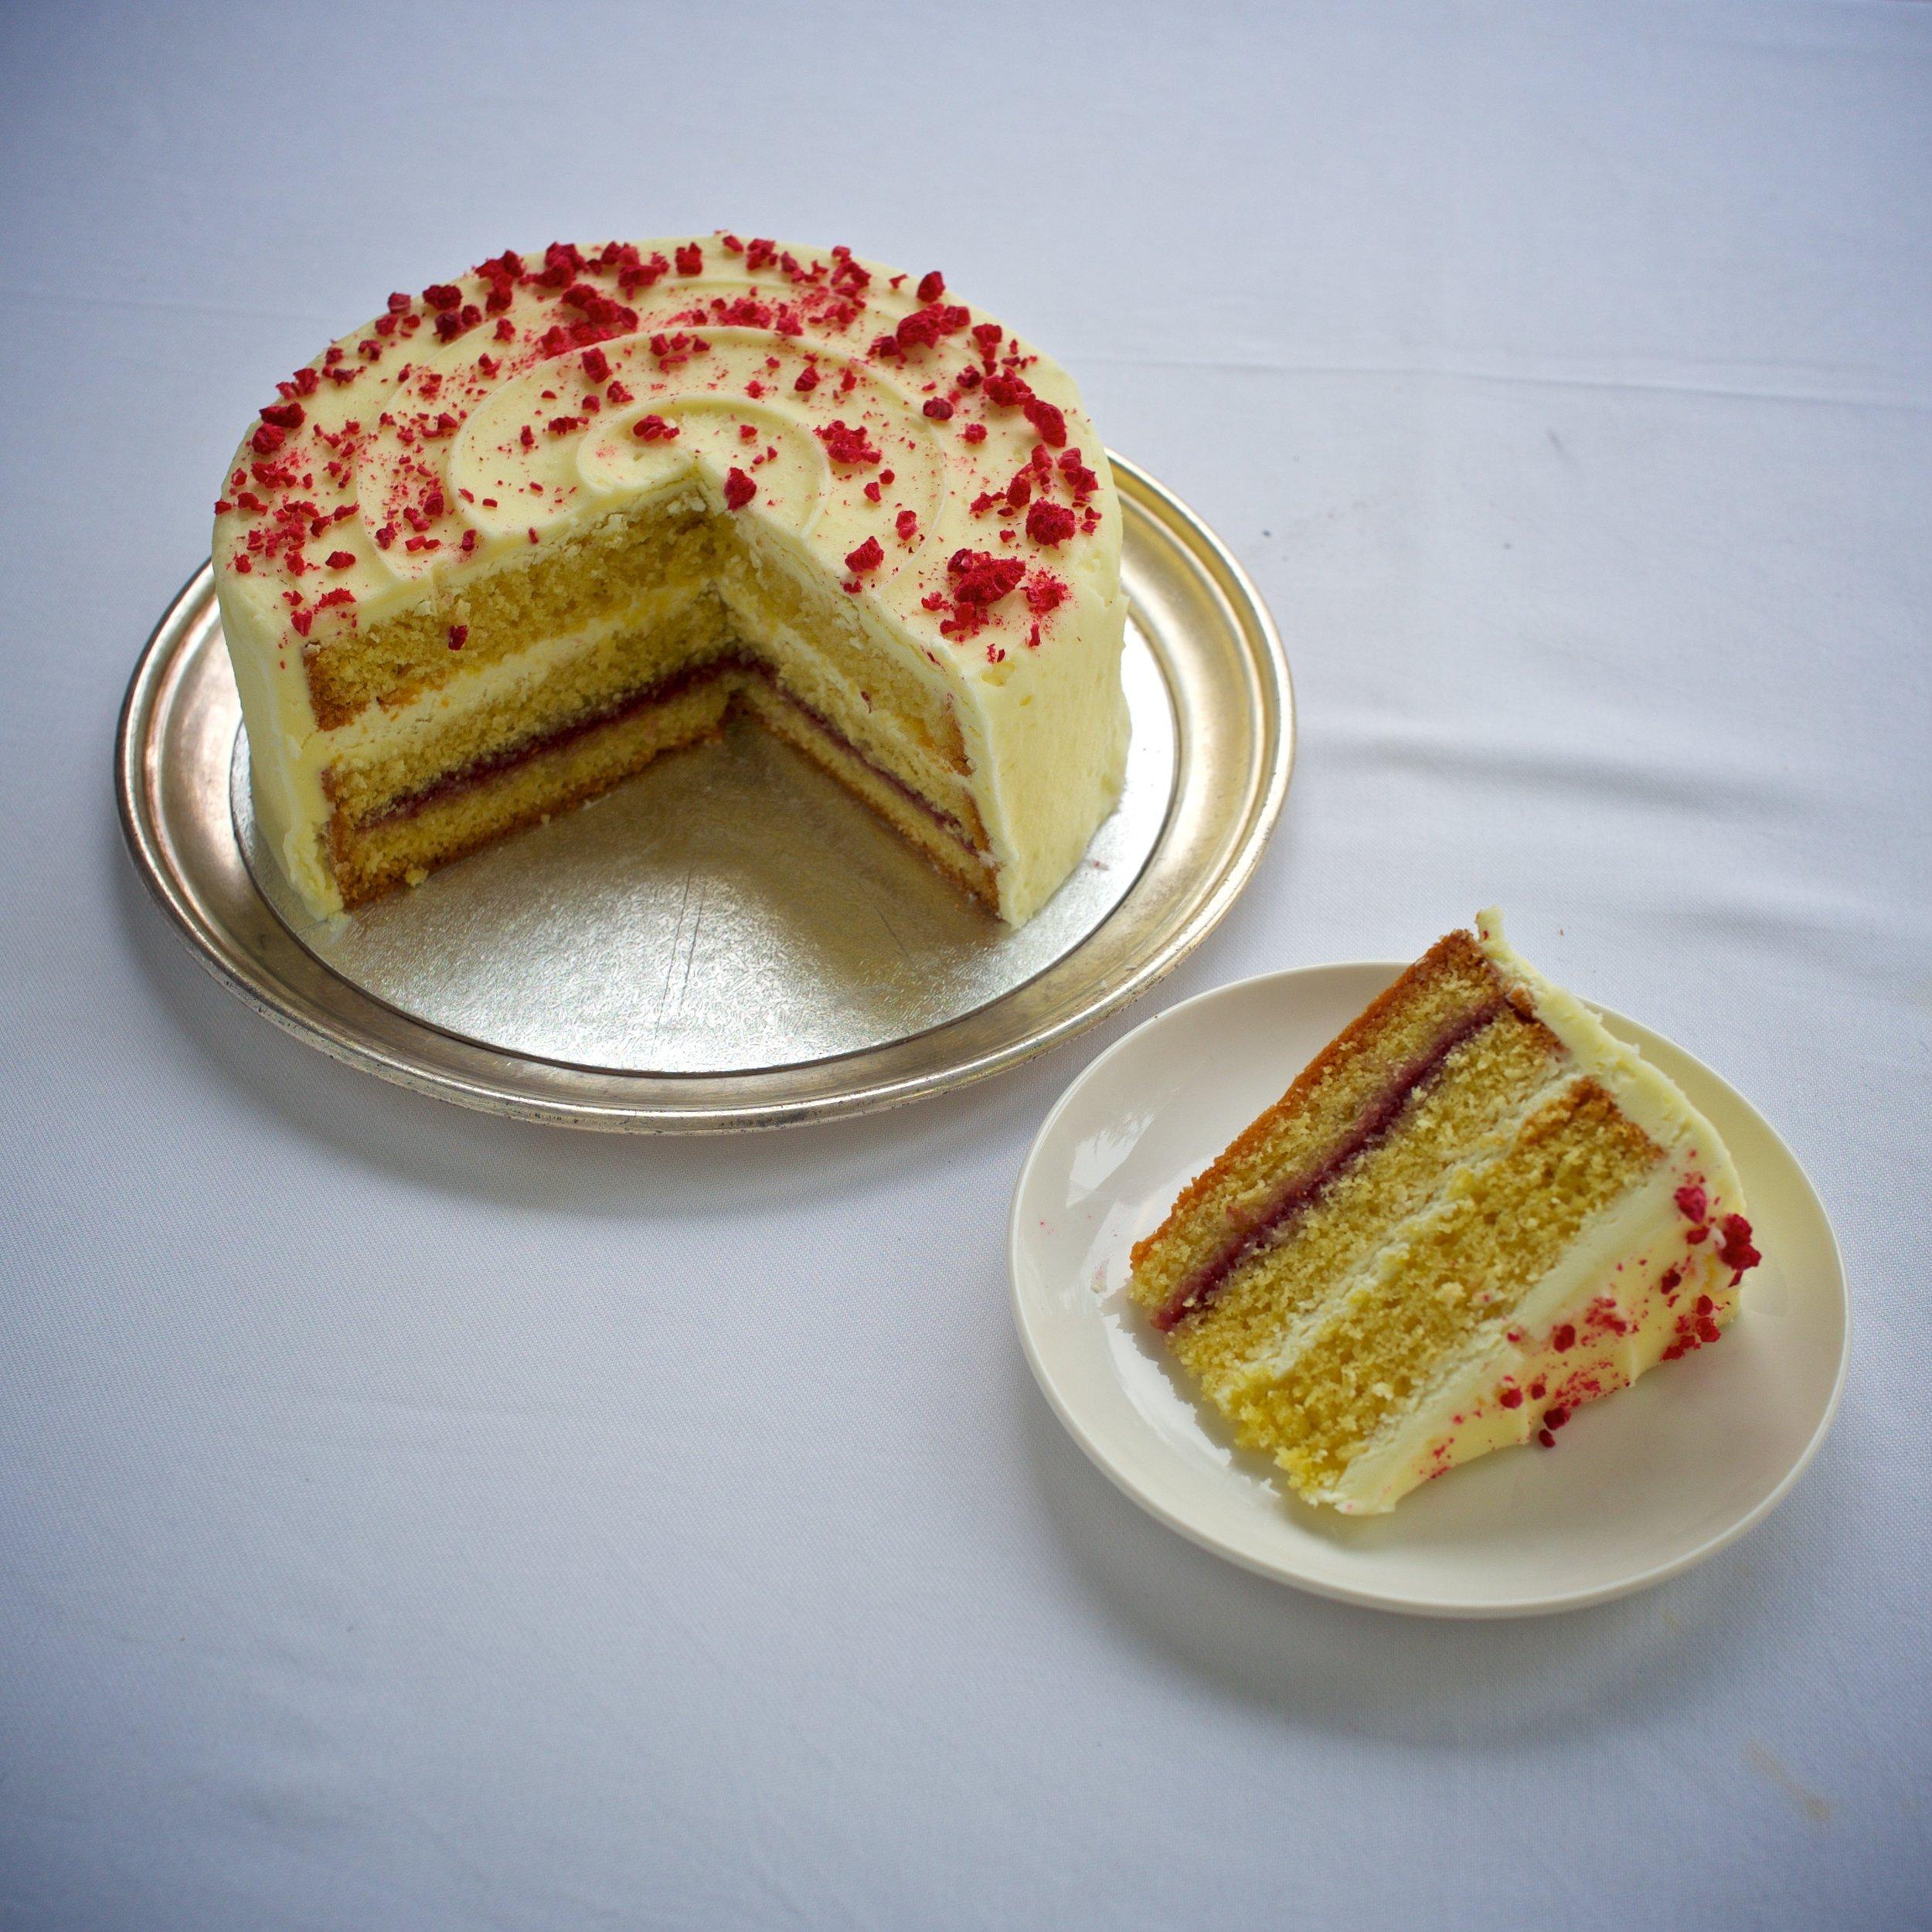 Classic Iced Sponge Cakes